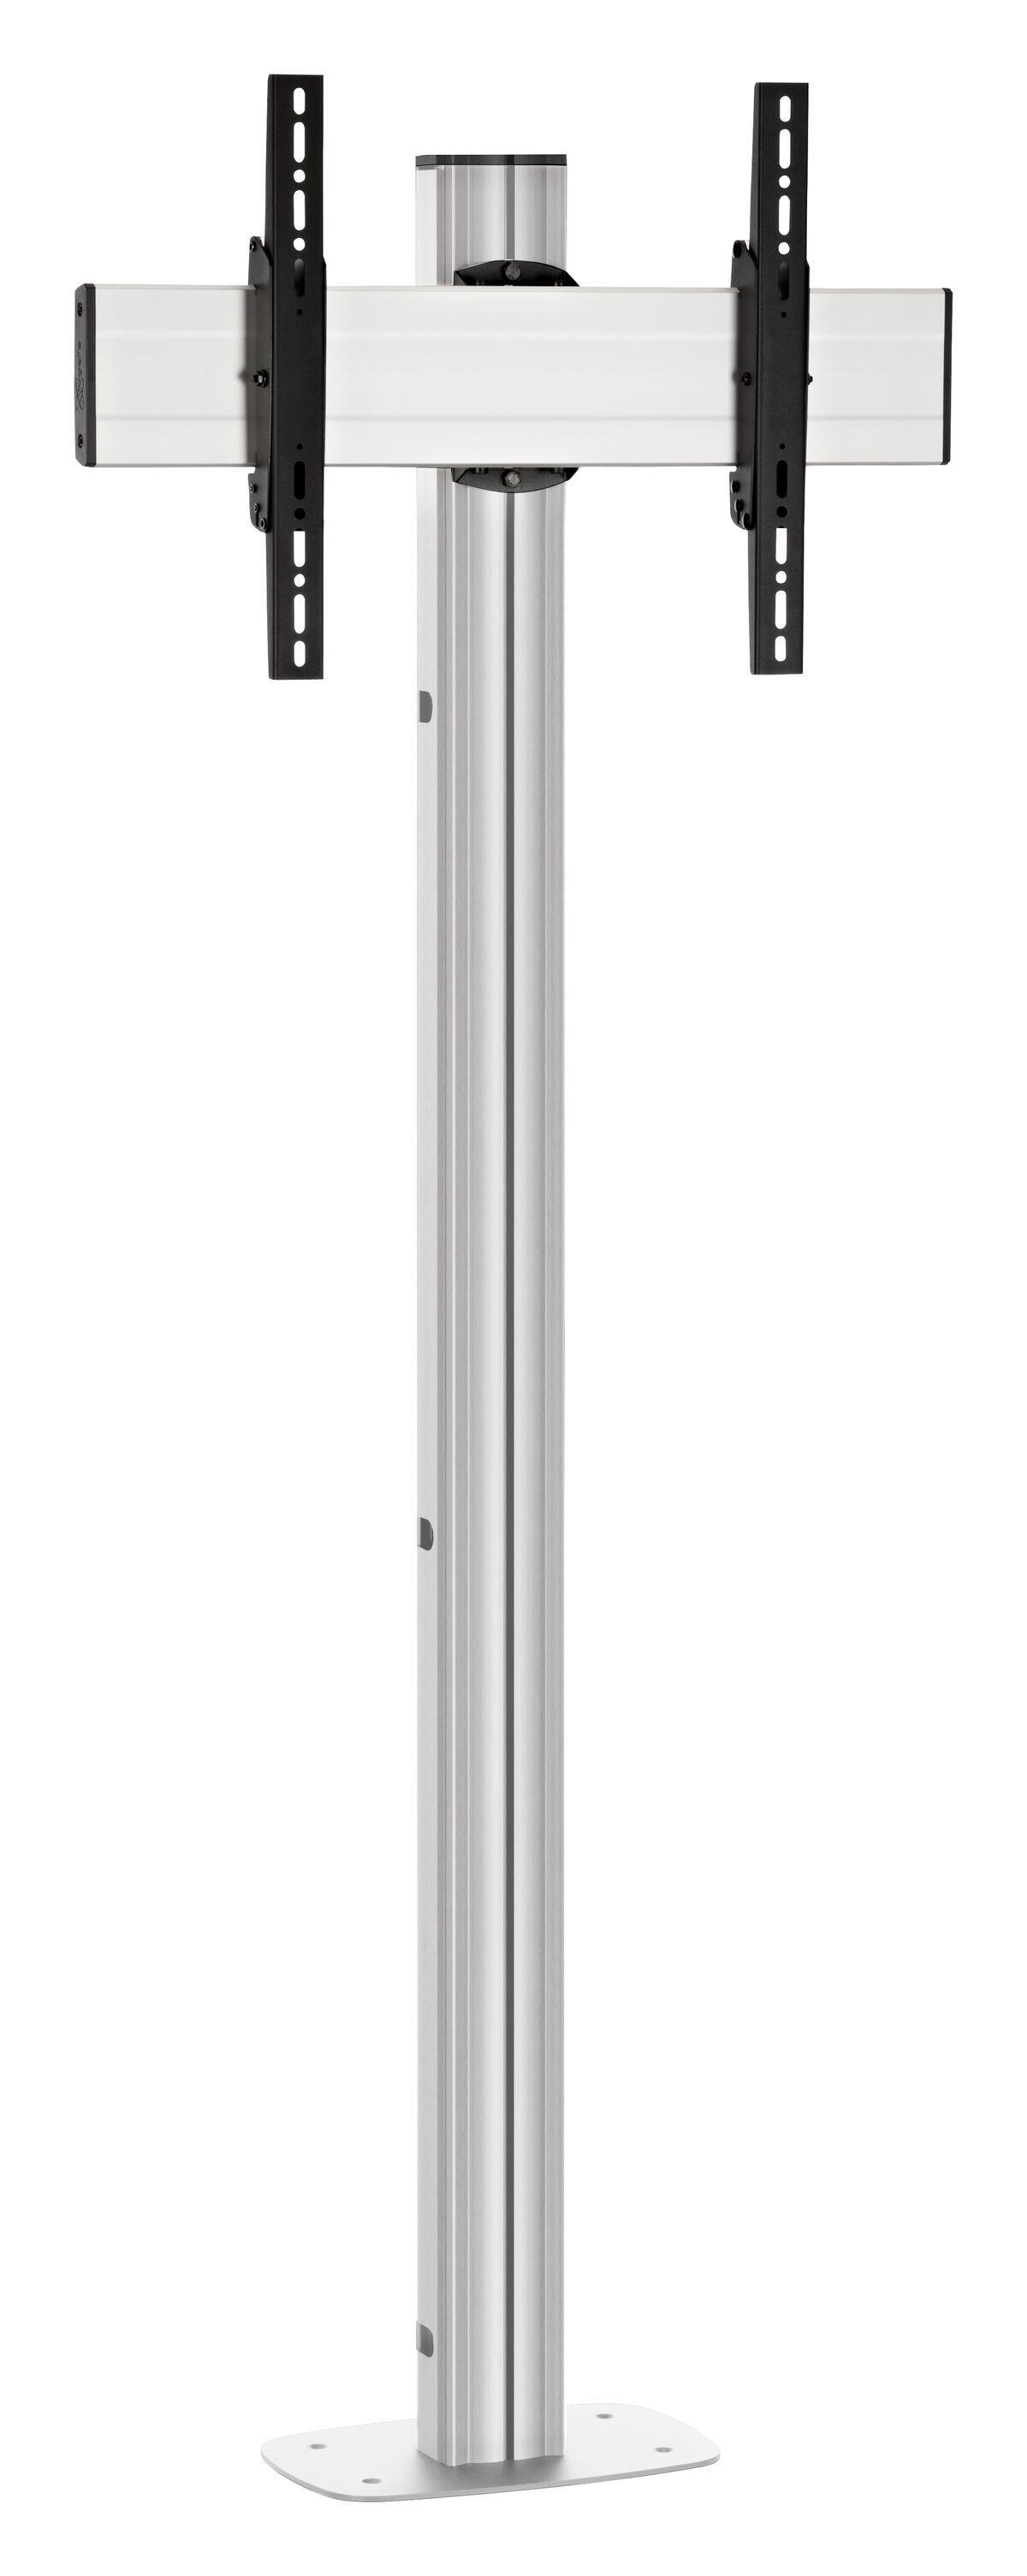 Vogel's FM1544S Pied de sol, fixation au soll - Product